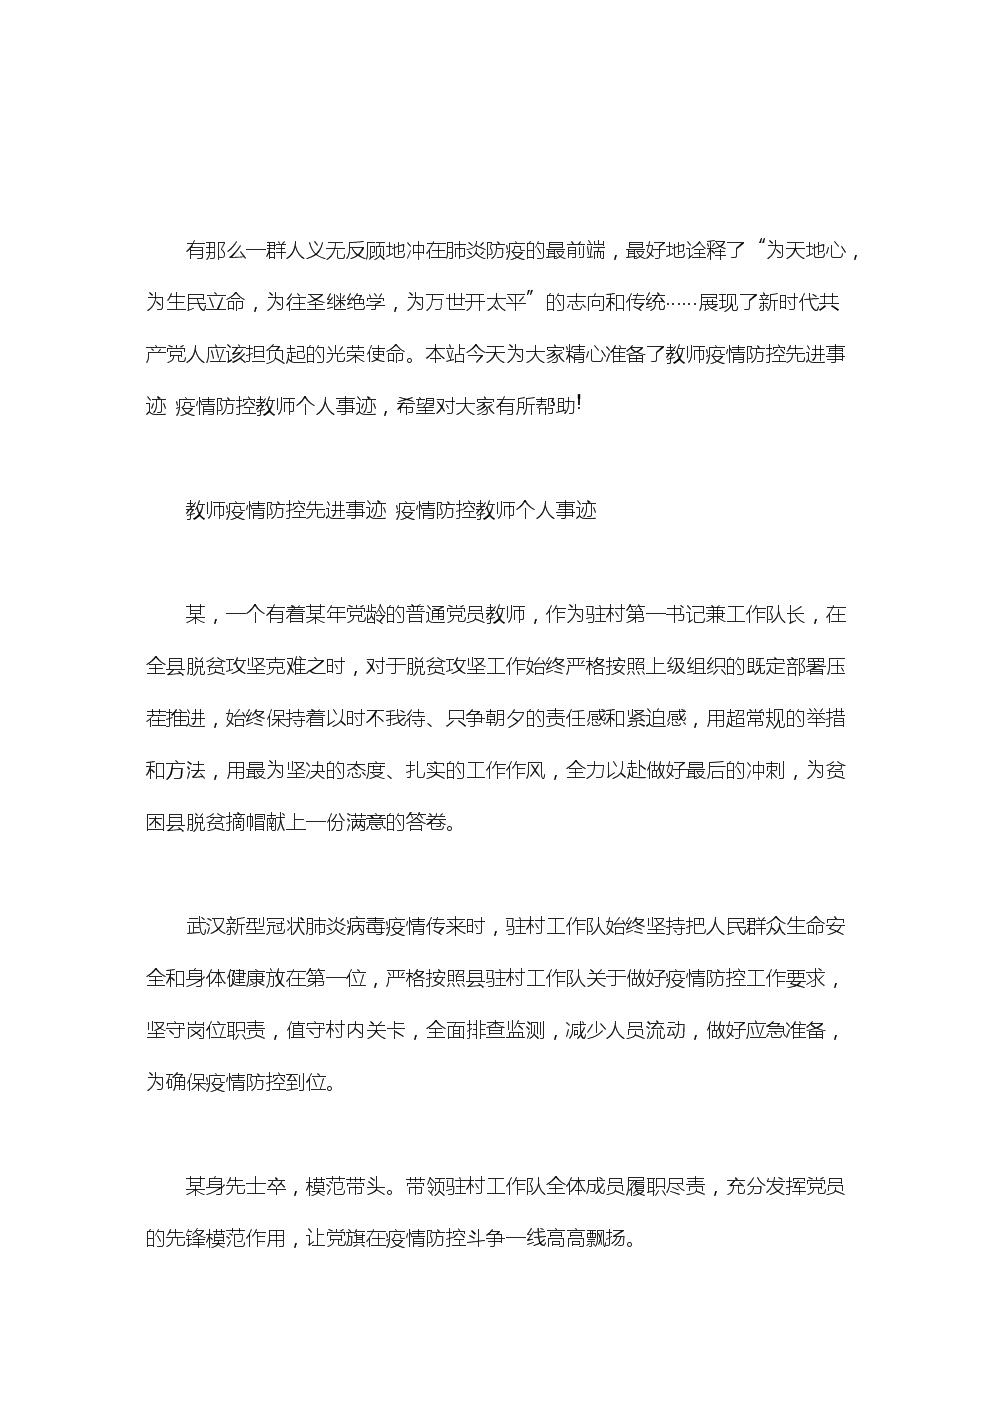 教师疫情防控先进事迹 疫情防控教师个人事迹.doc